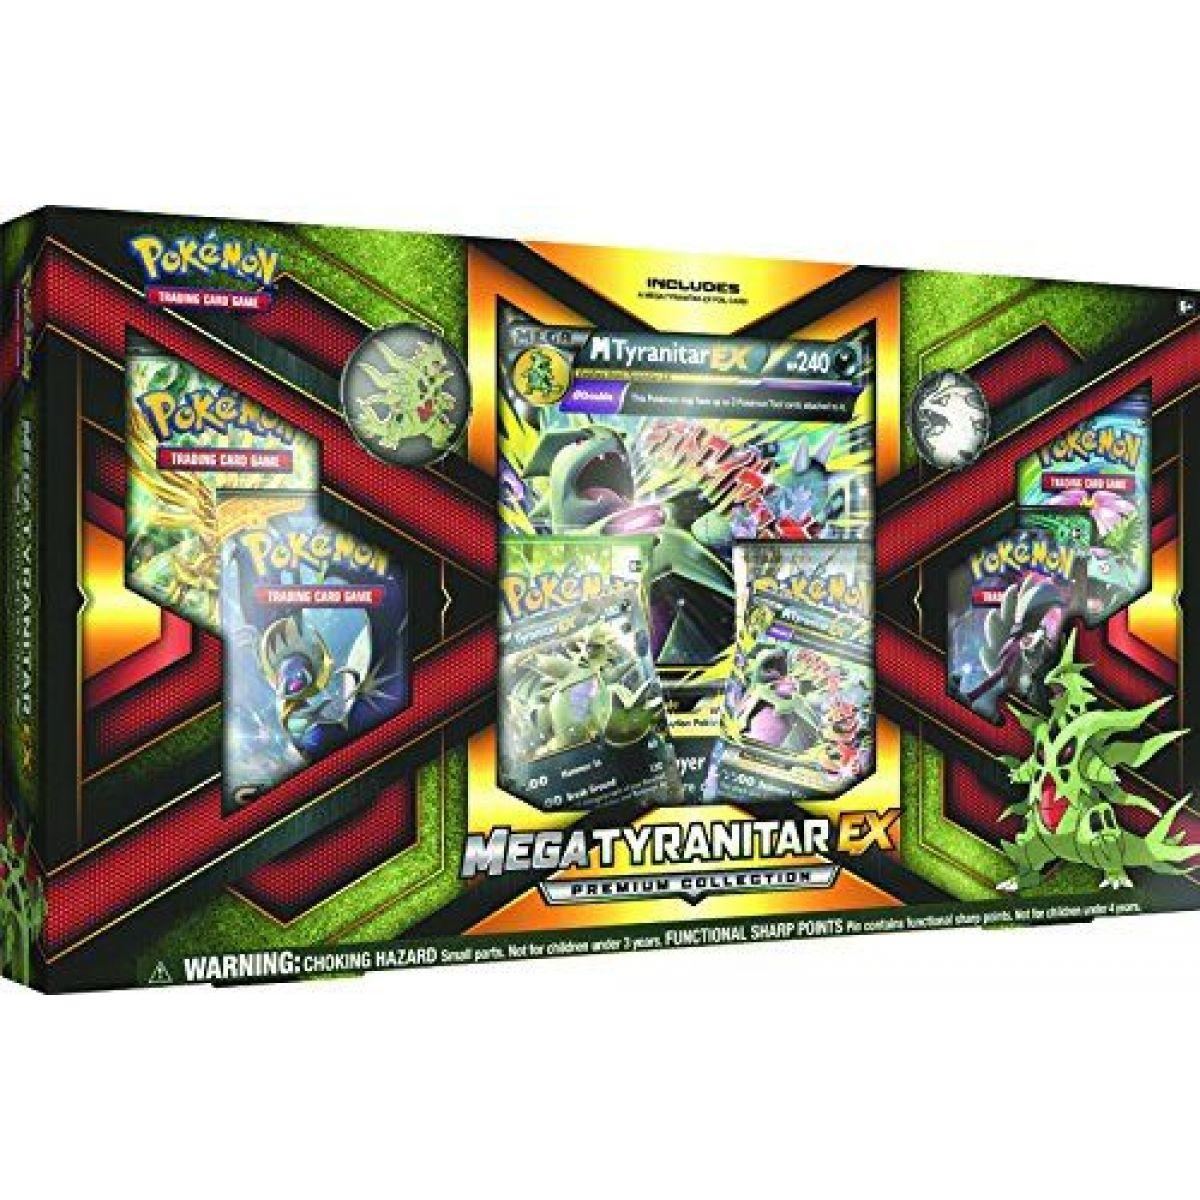 Pokémon TCG Mega Tyranitar-EX Premium Collection